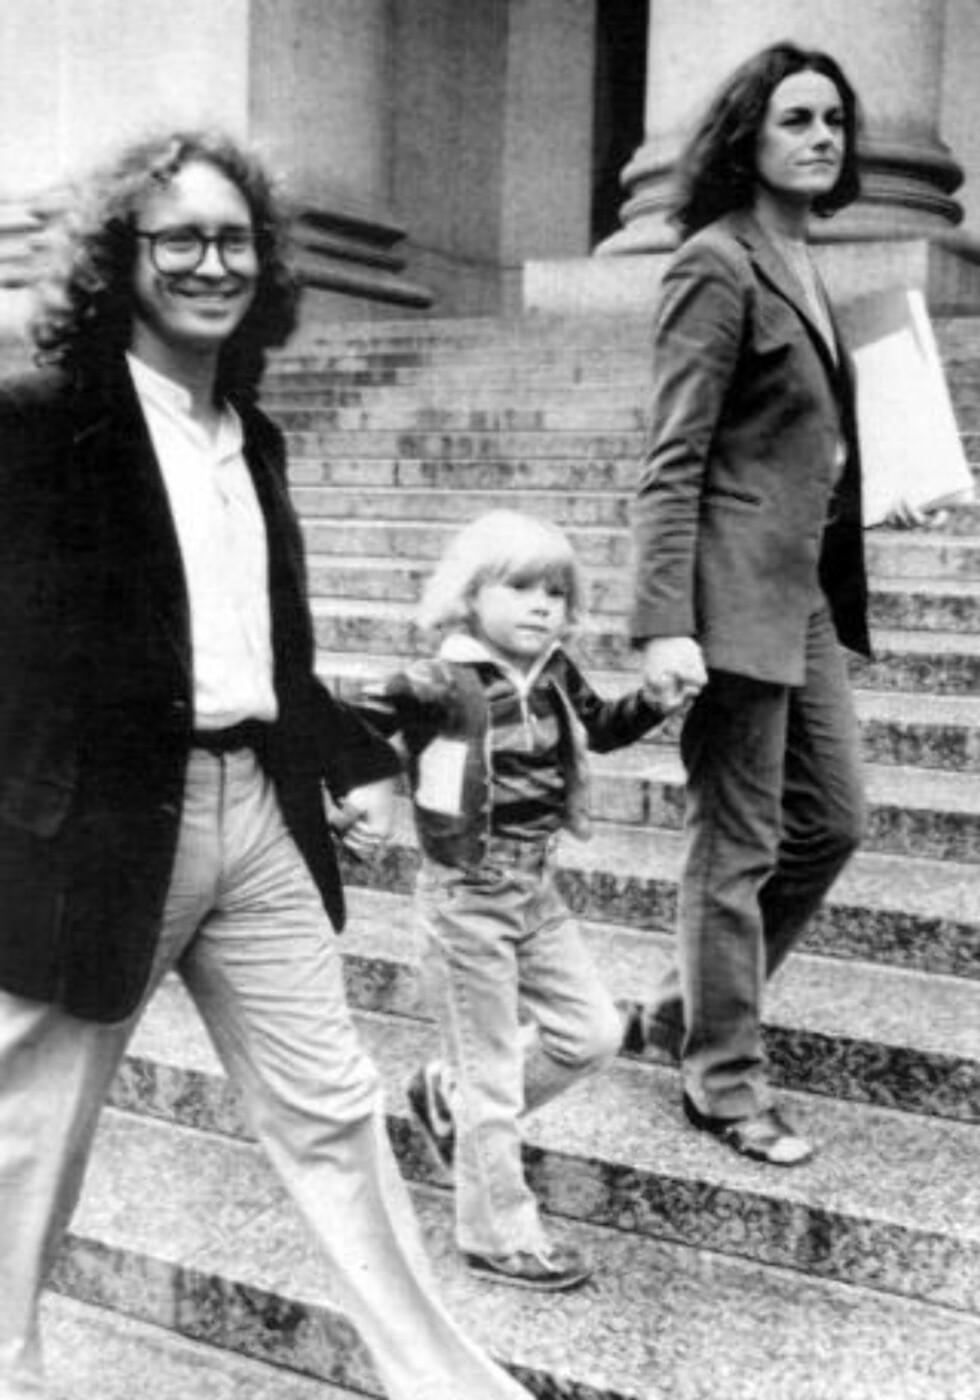 BLE KJENT UNDER VALGKAMPEN: Bill Ayers, her fotografert sammen med kona Bernardine Dohrn og sønnen Zayd Dohrn (4) i 1982. Foto: AP Photo/David Handschuh/Scanpix